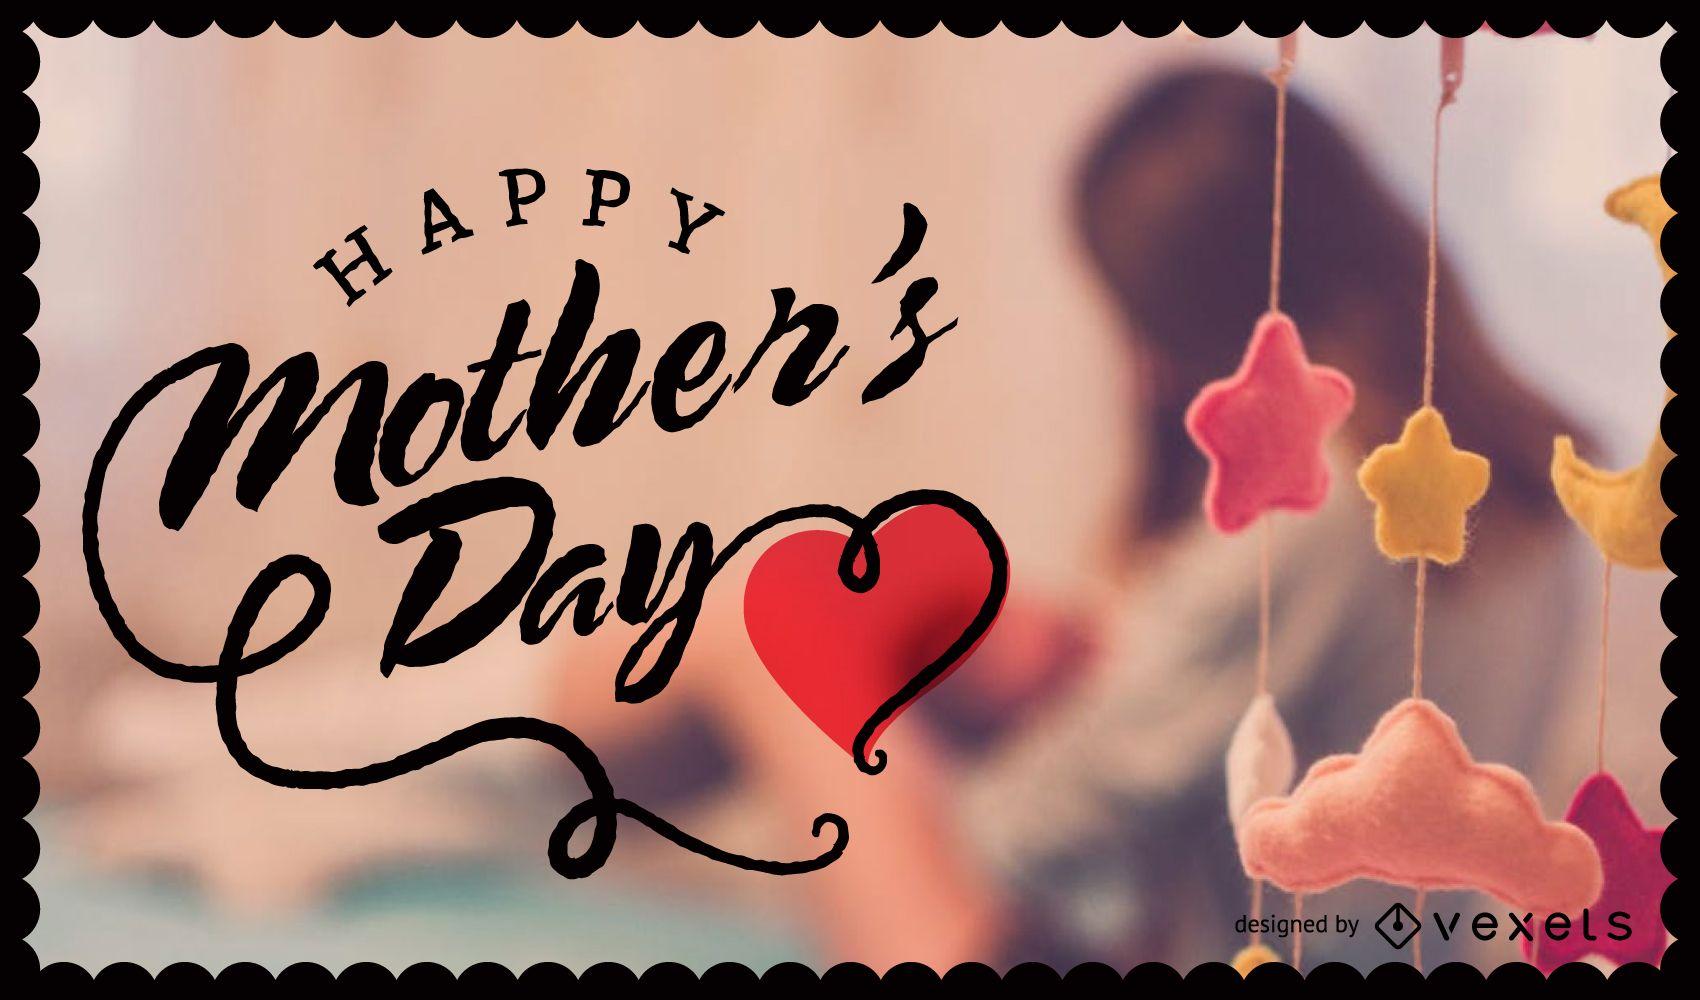 Imagen del día de la madre con insignia y letras.